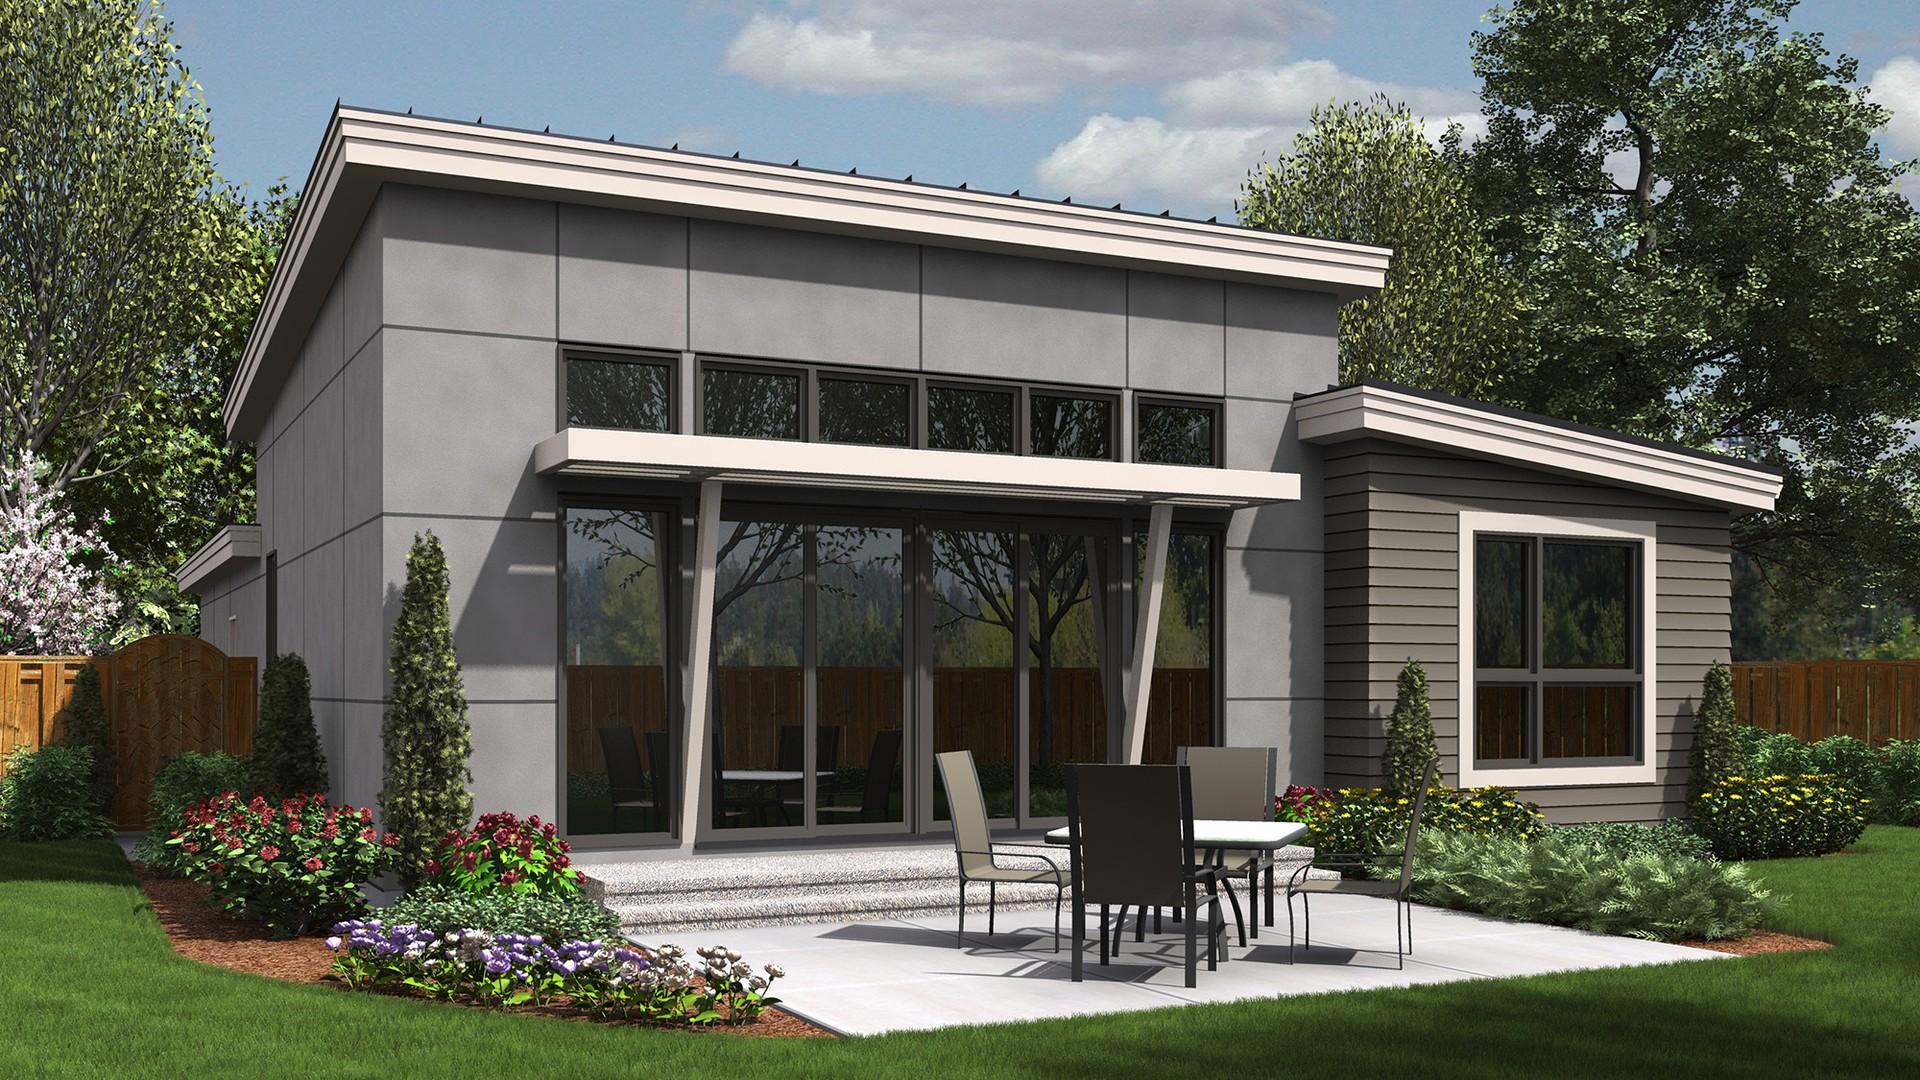 Contemporary House Plan 1164ES The Park Place: 1613 Sqft